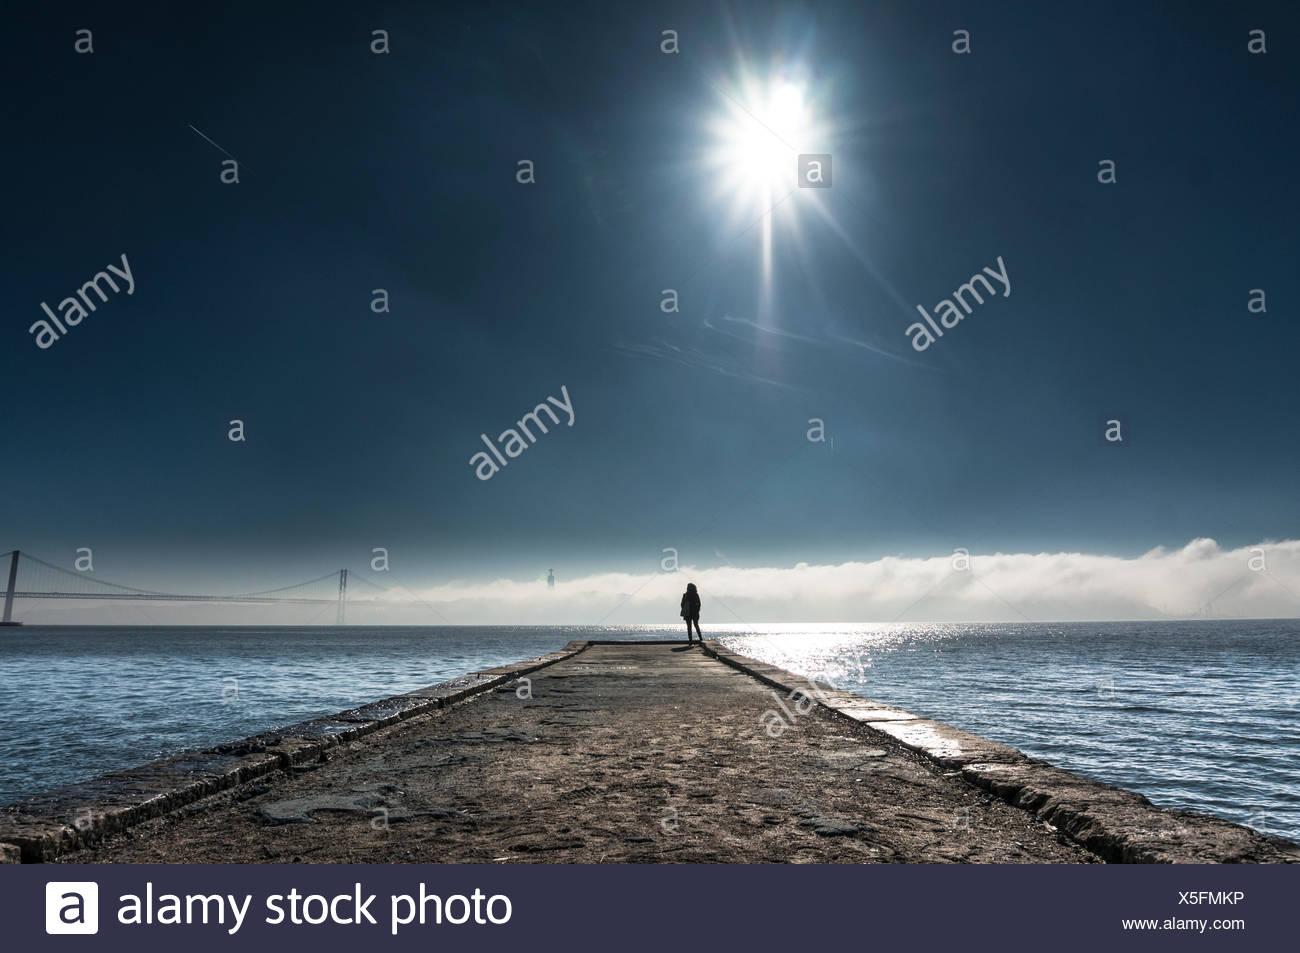 Vista la distanza della persona in piedi sul molo su mare contro Sky Immagini Stock